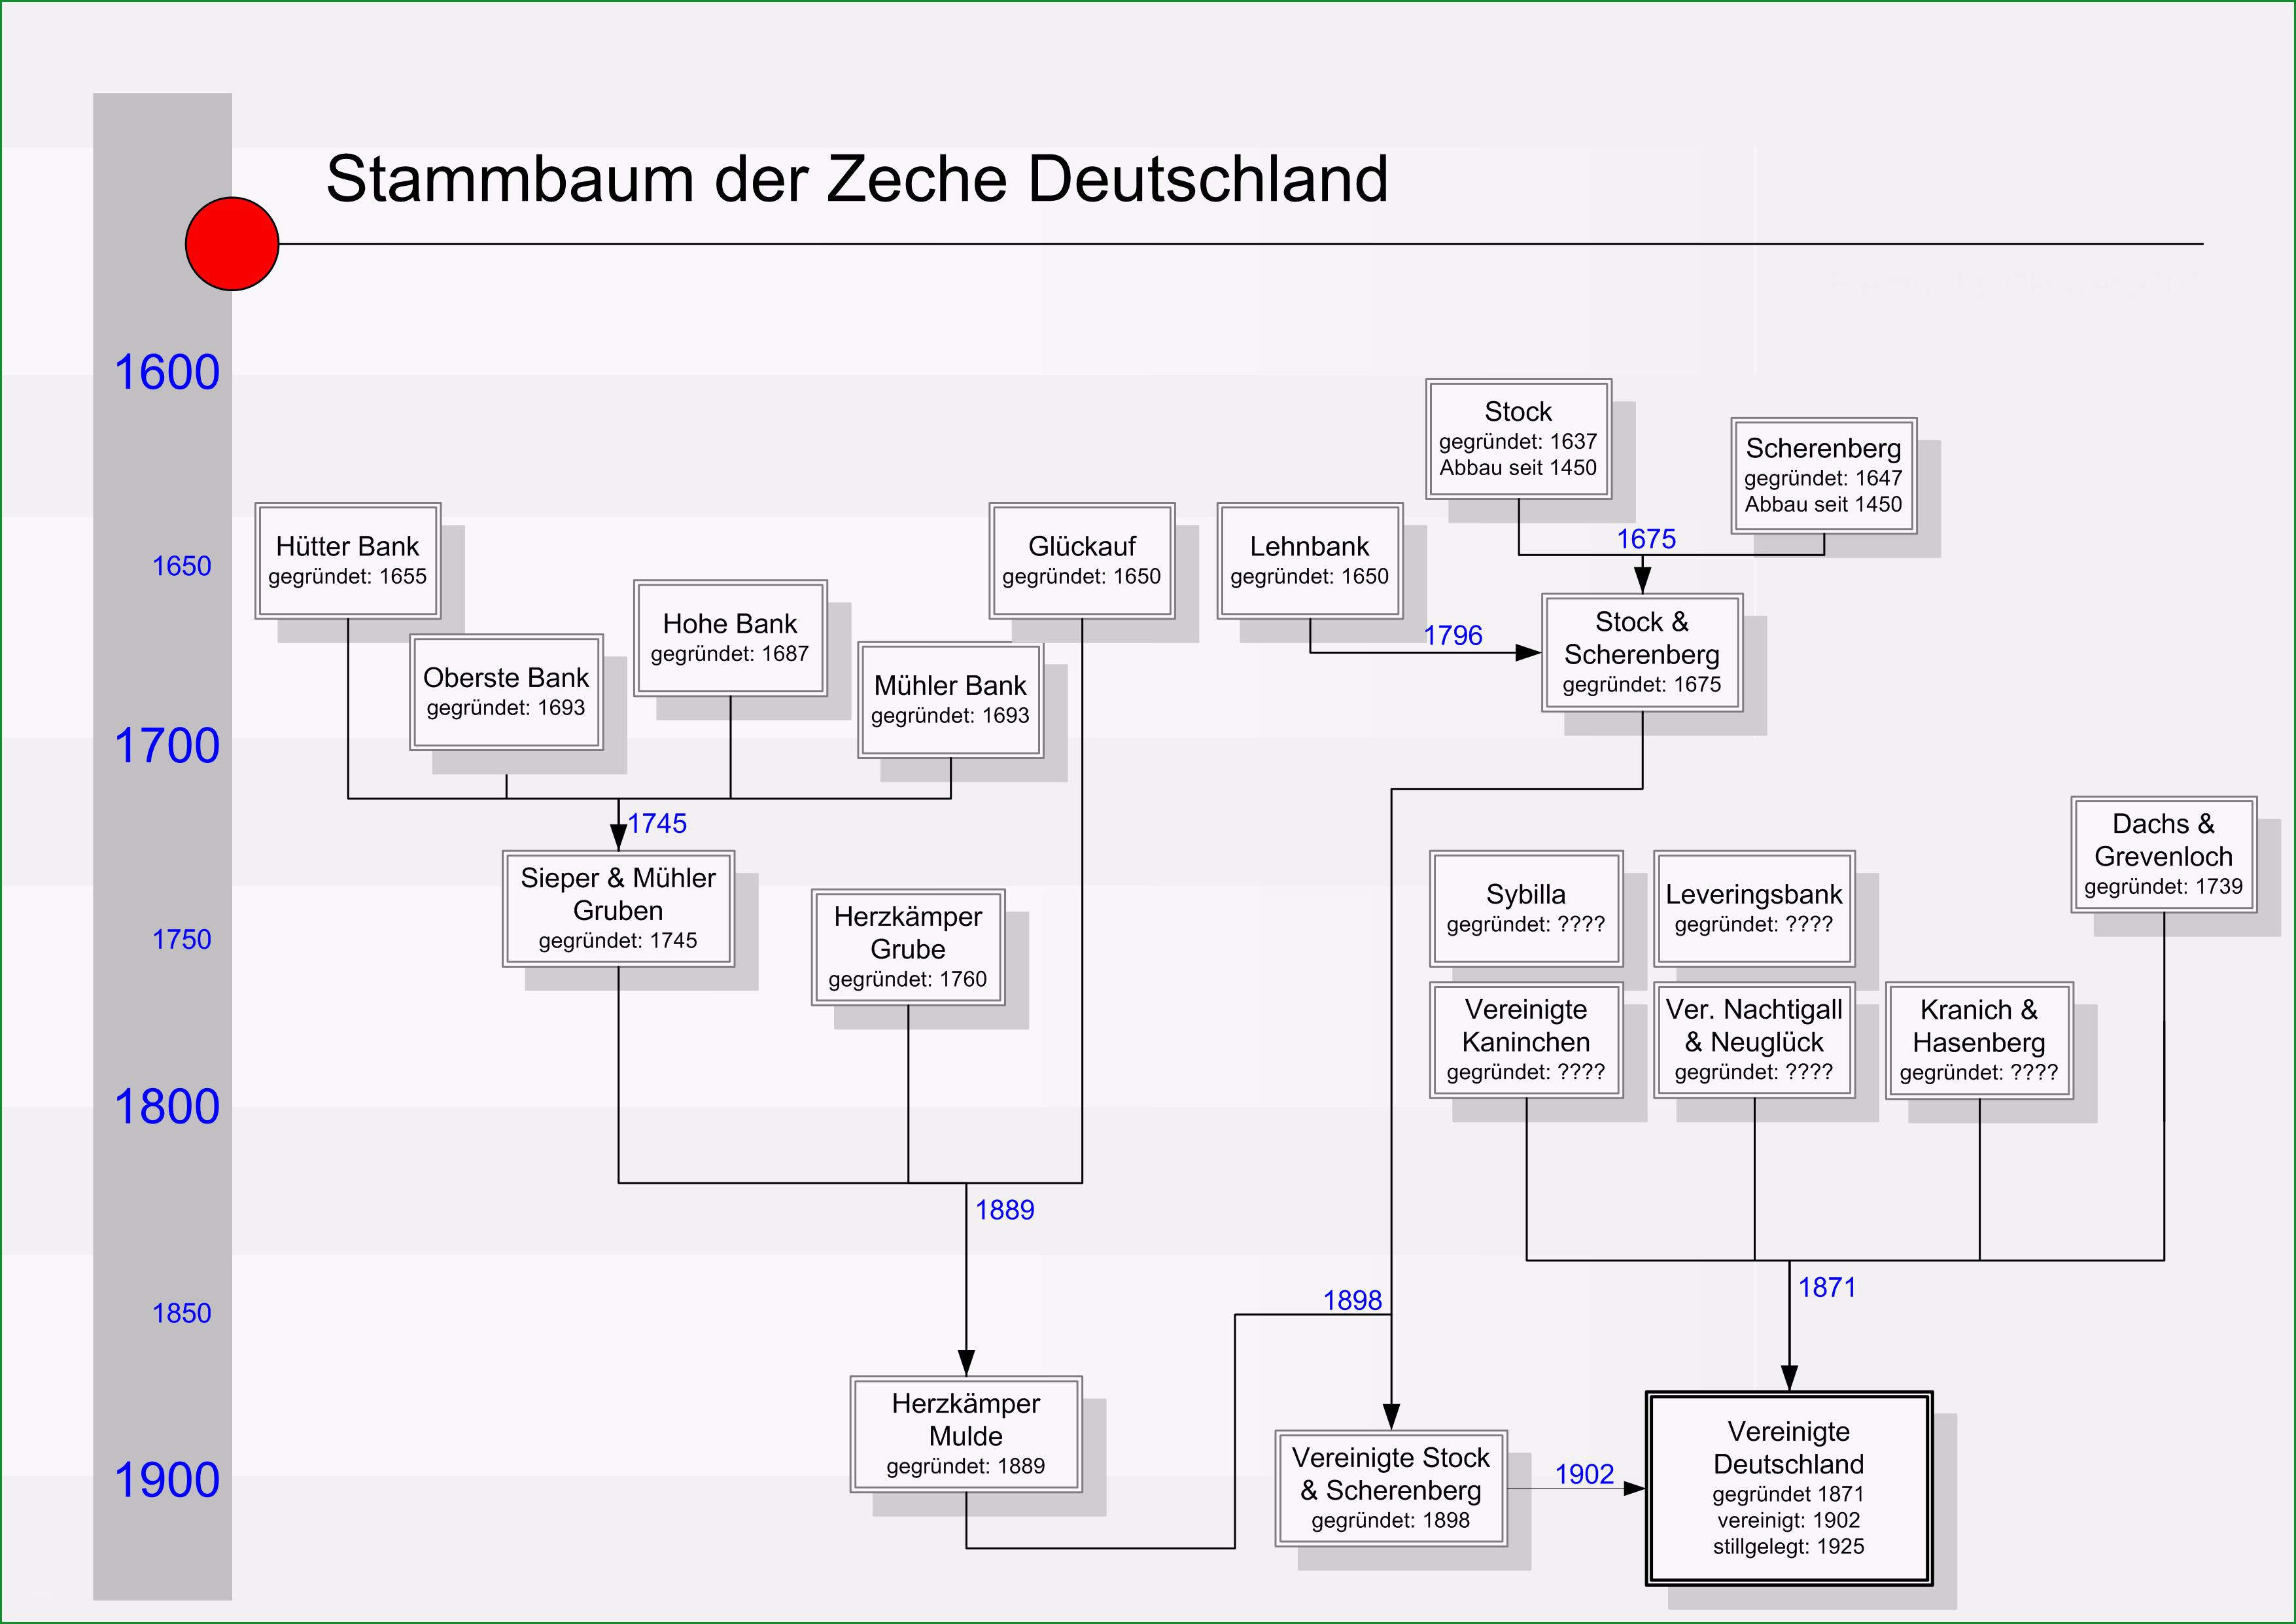 Datei Stammbaum Zeche Deutschland